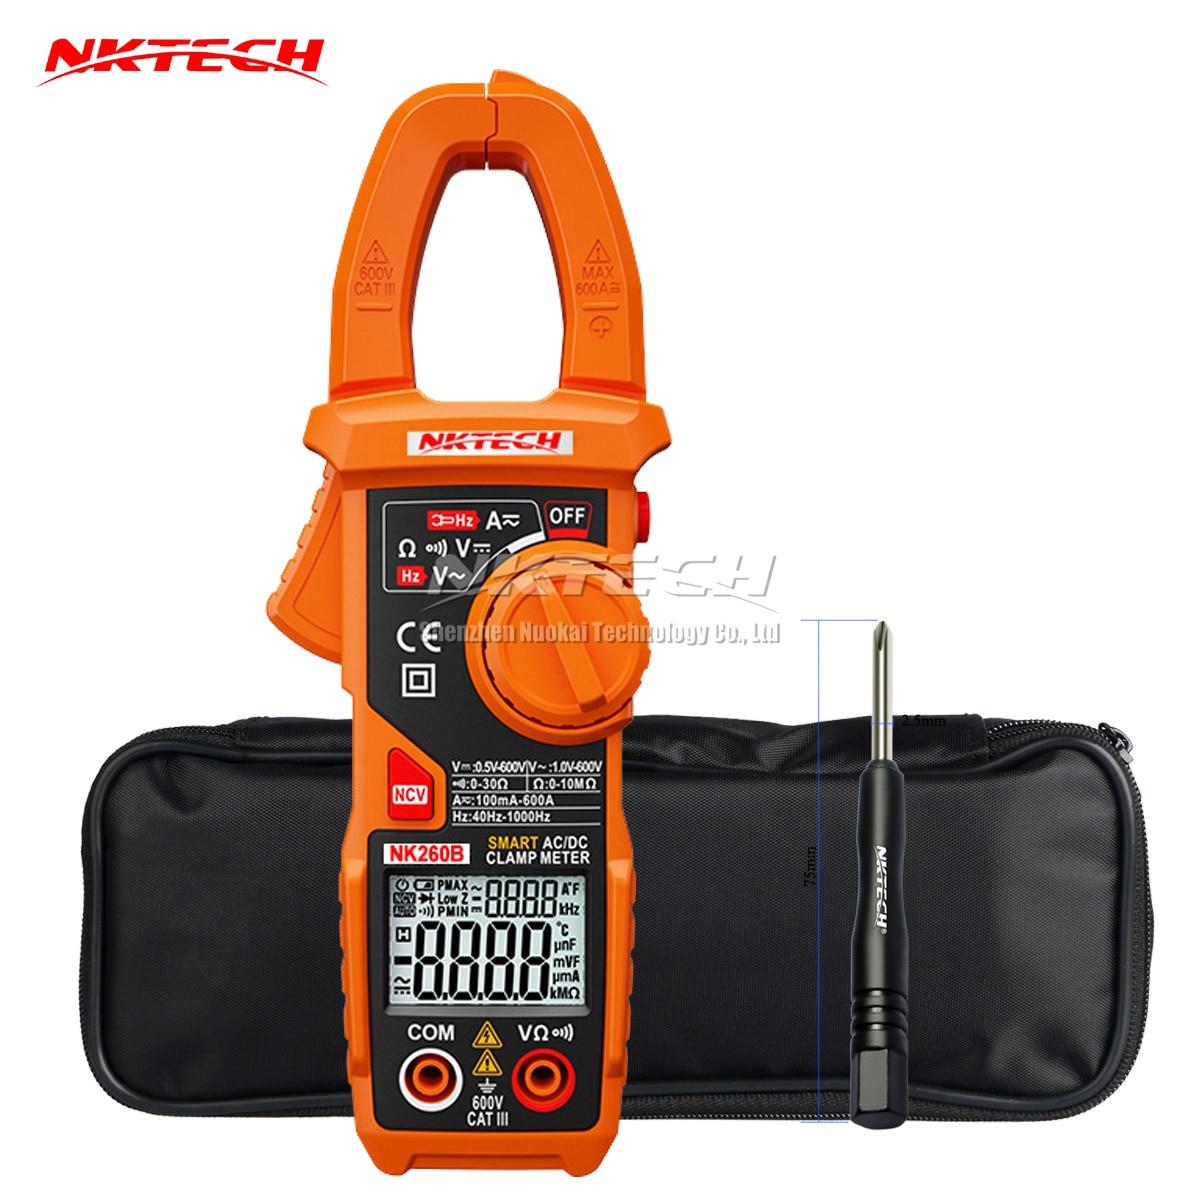 NKTECH NK260B Digital Clamp Meter Smart Auto Range AC DC Tensione Resistenza Corrente Frequenza Auto Riconoscono V/Ohm/un 6000 Conteggi